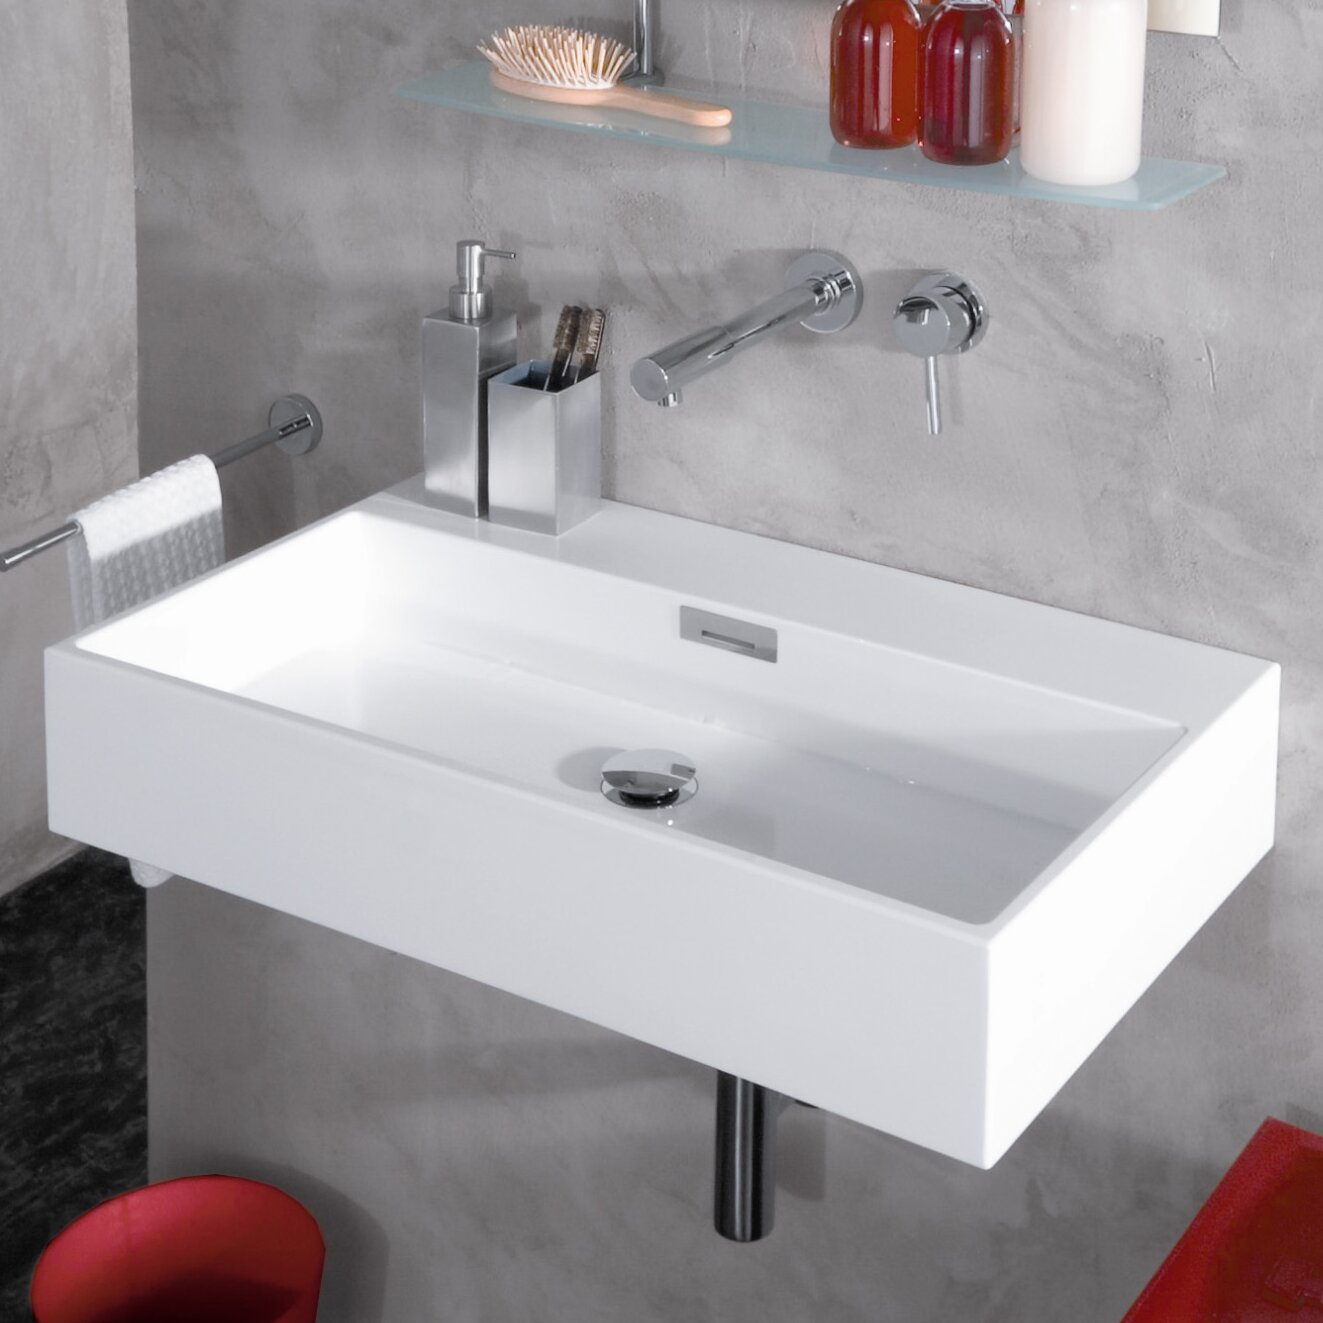 1930s Bathroom 1930s Bathroom Sink